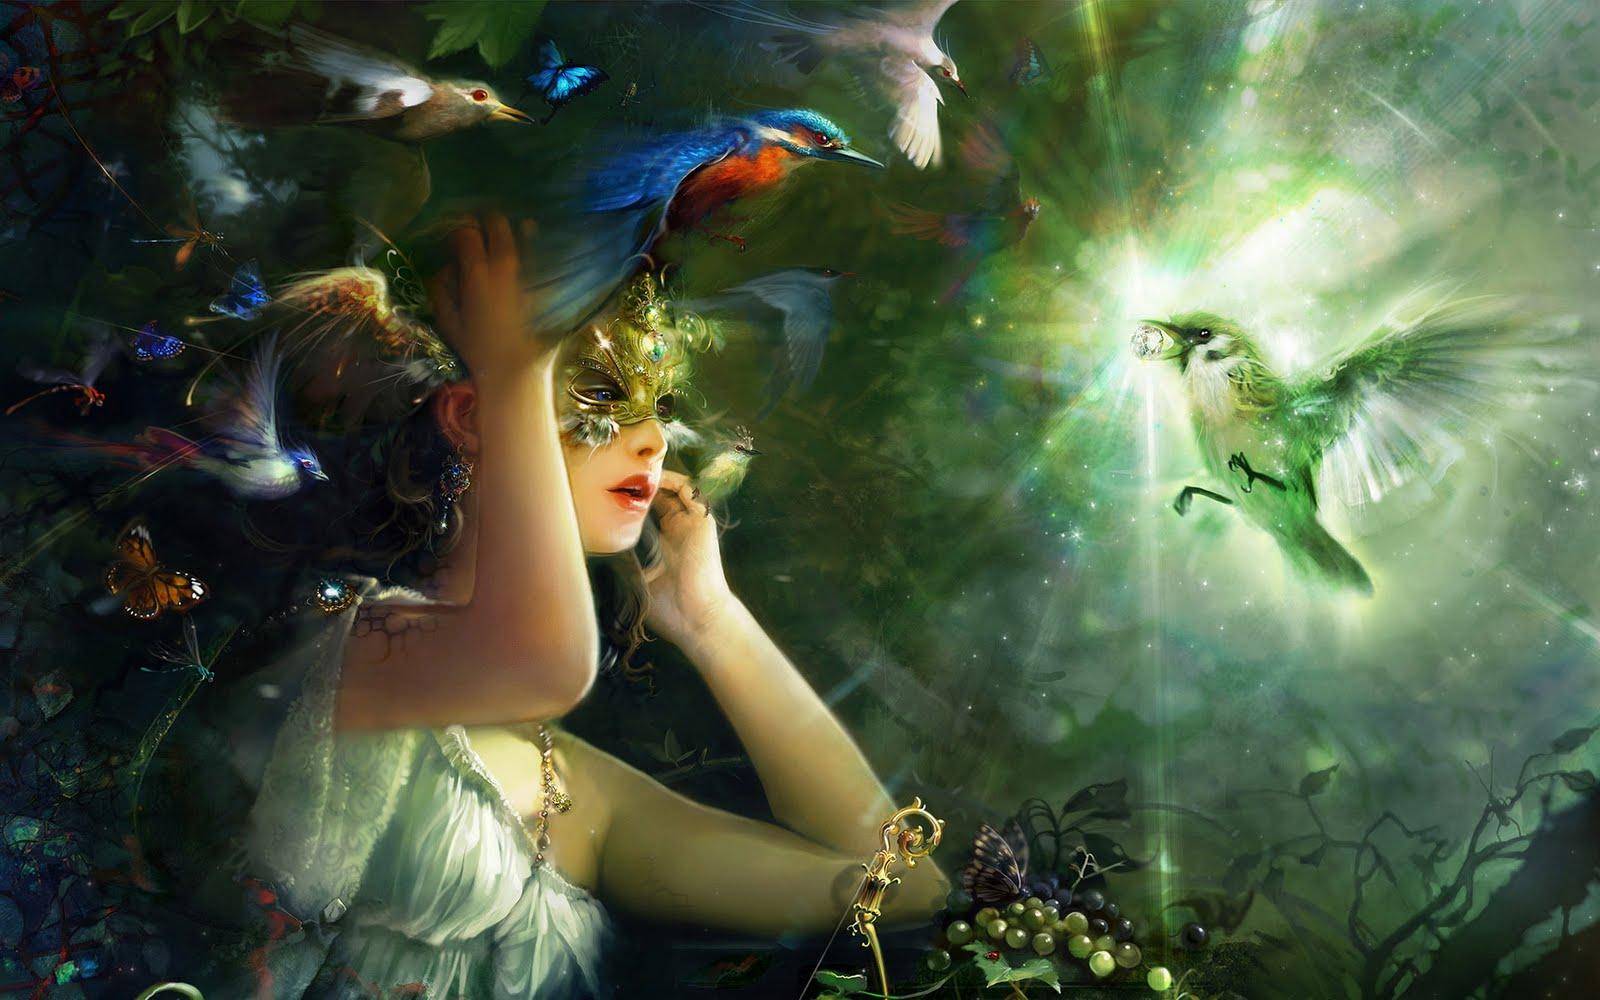 3d fantasy art fairies - photo #30